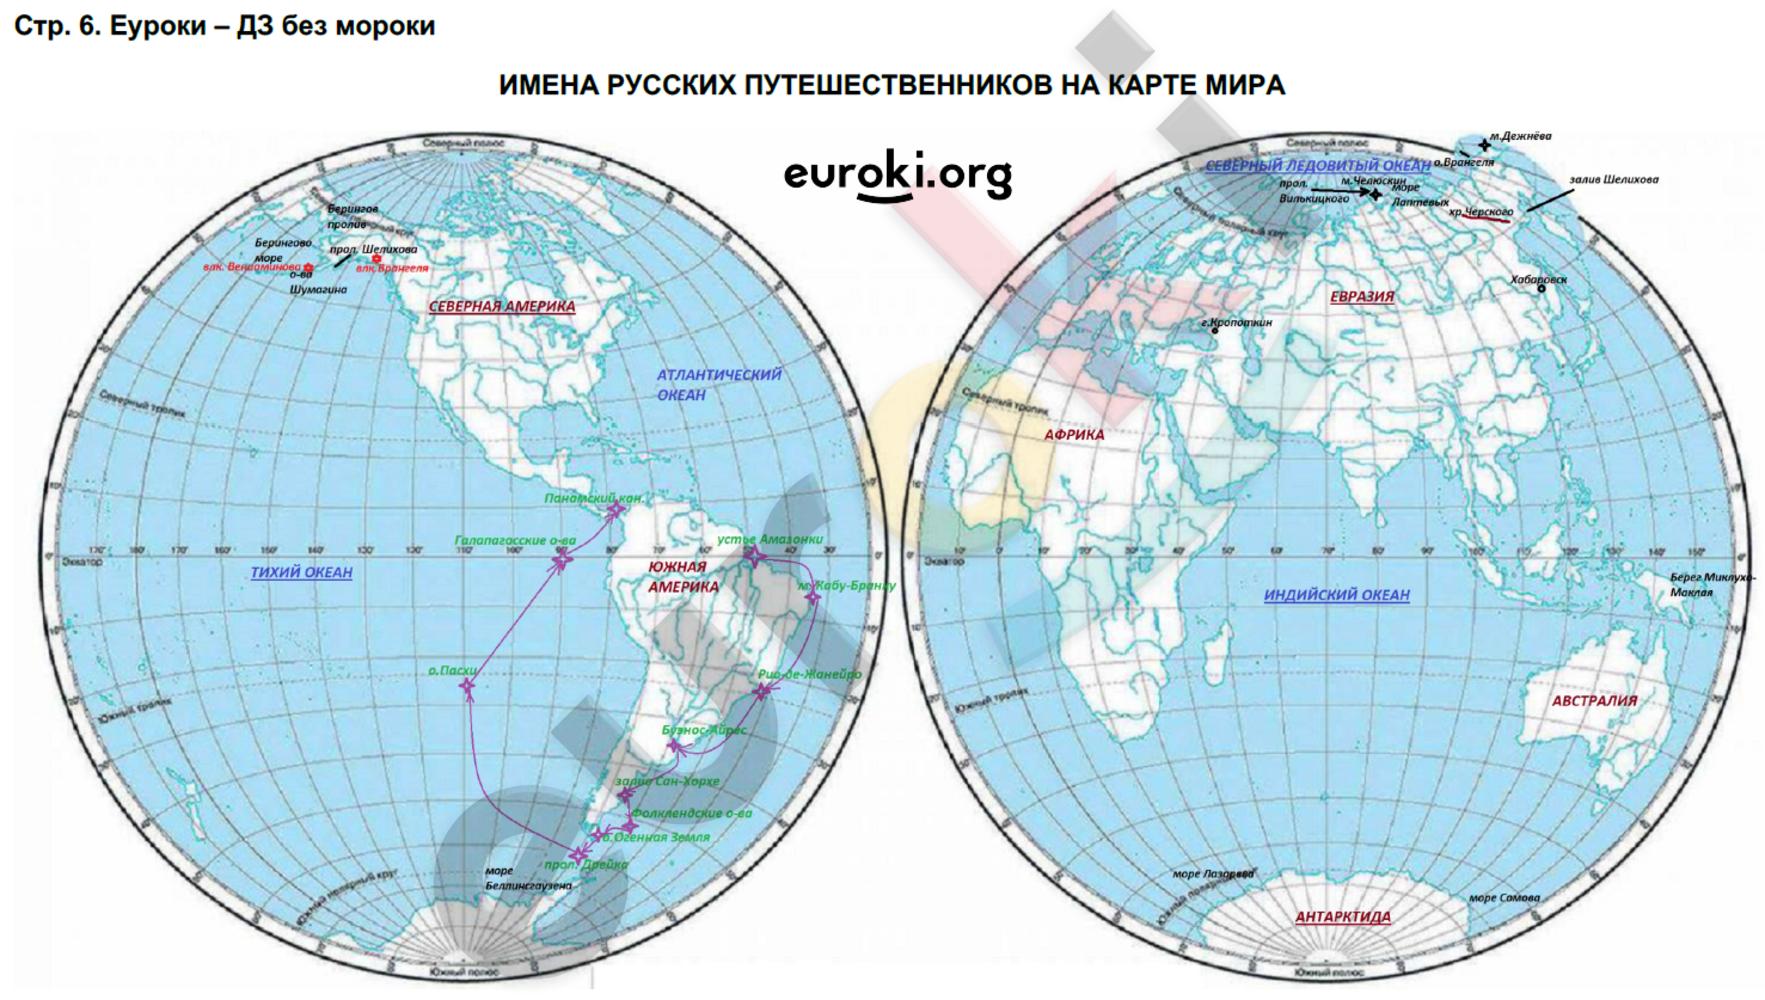 ГДЗ по географии 5 класс контурные карты Румянцев. Задание: стр. 6